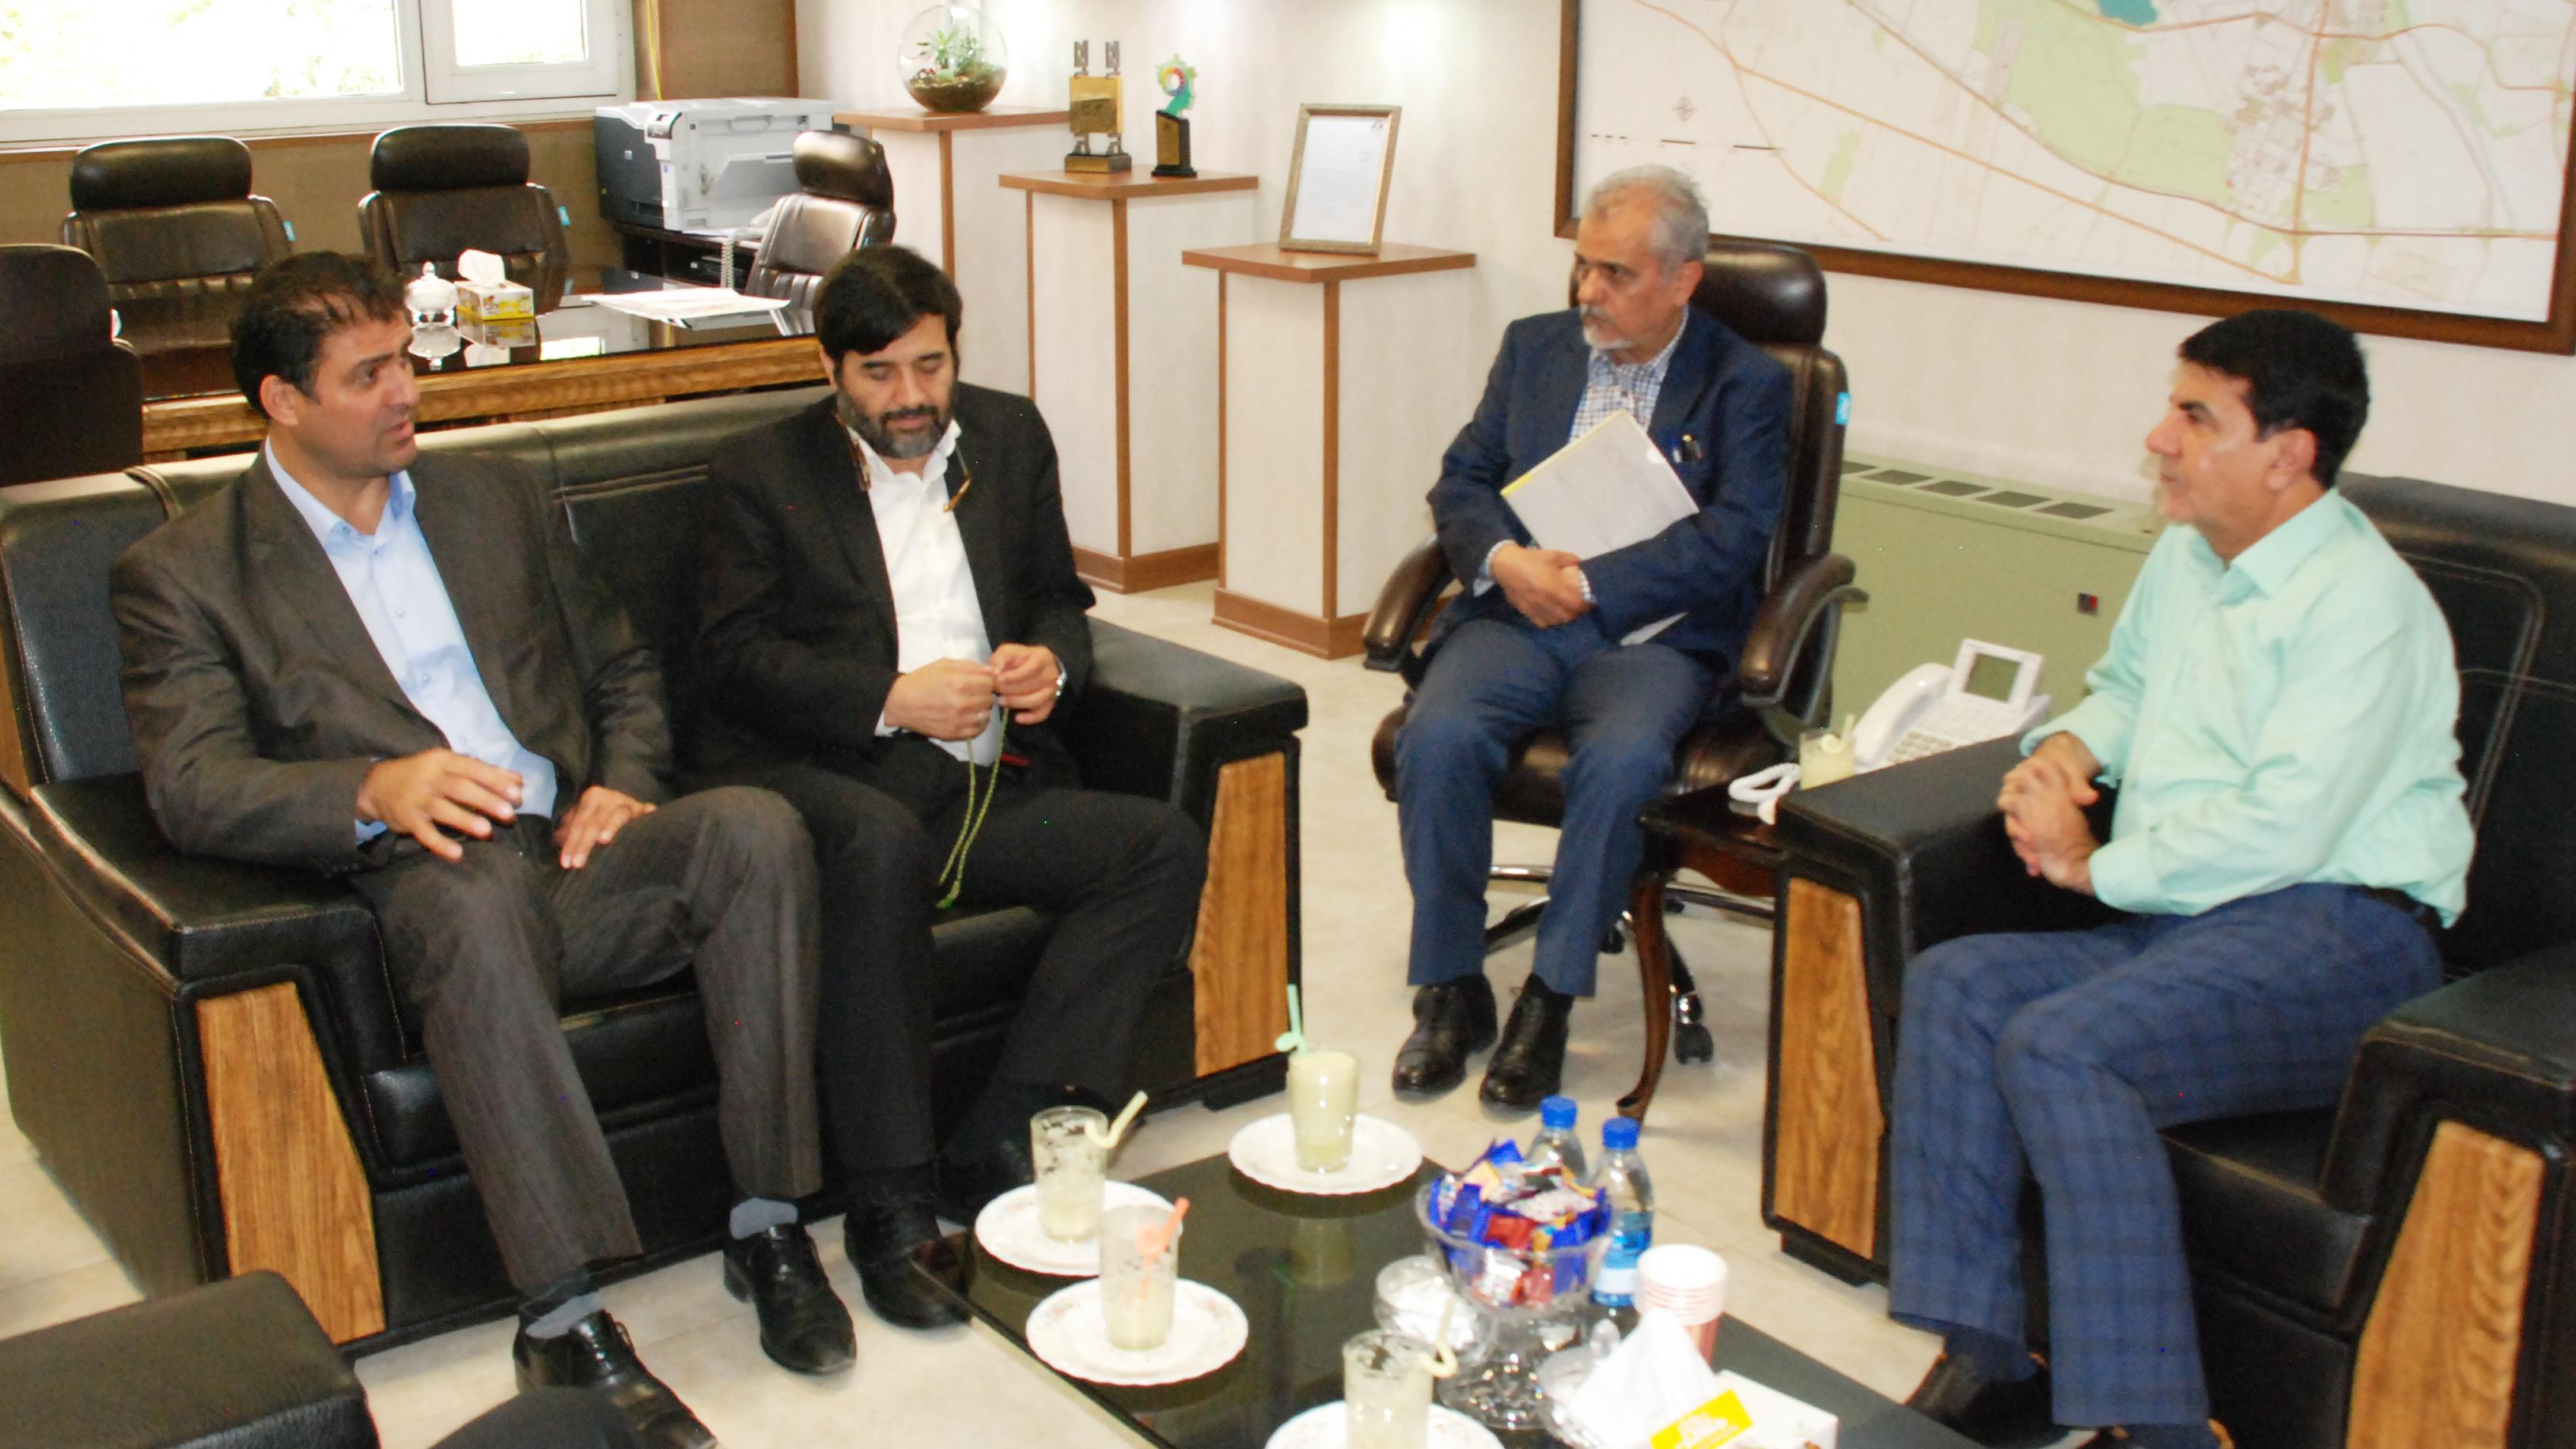 دیدار رئیس فدراسیون قایقرانی با شهردار منطقه 22 پایتخت